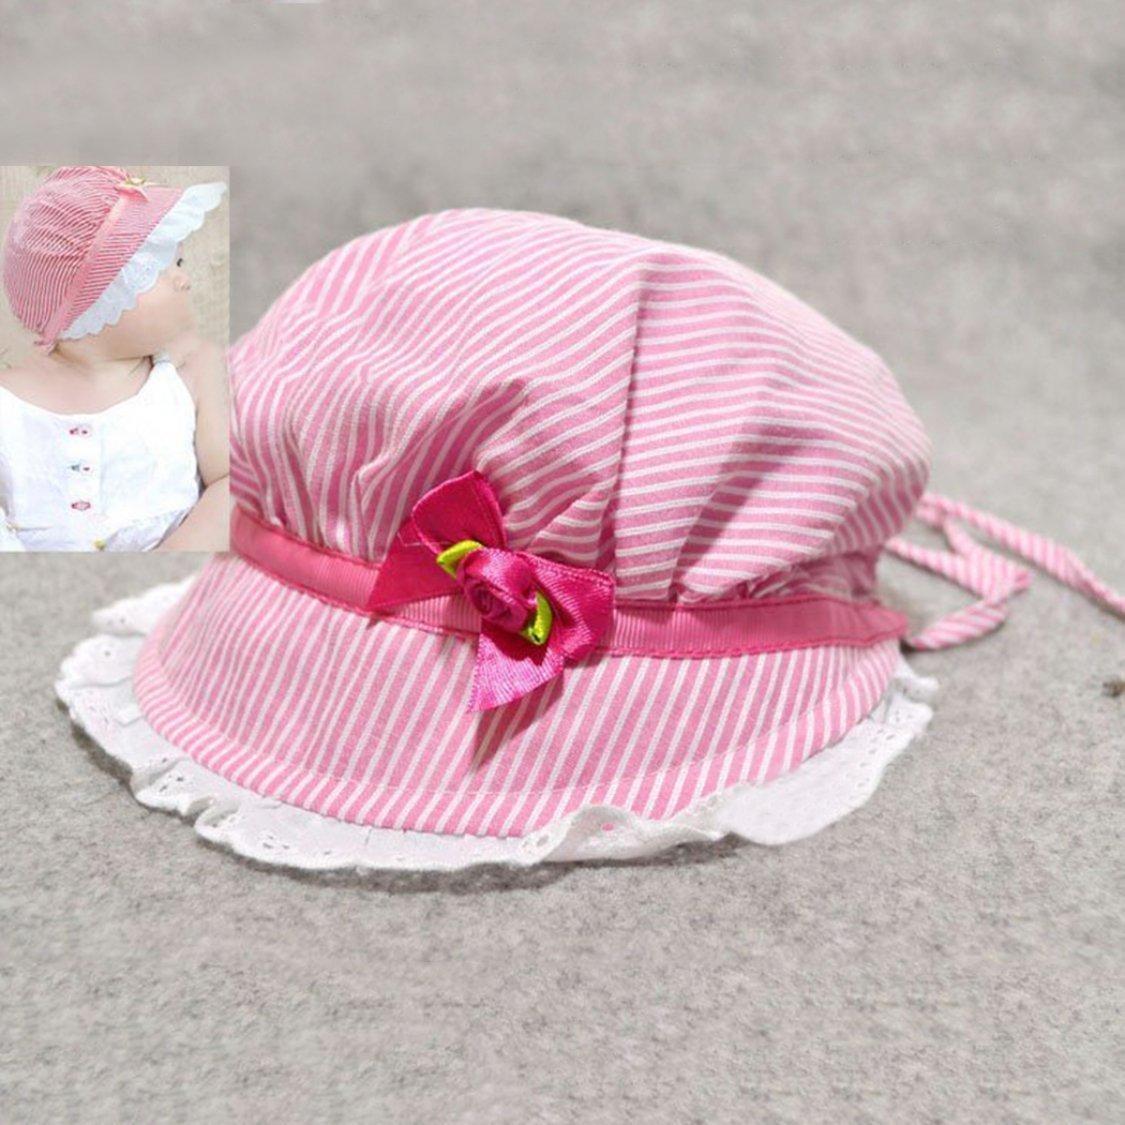 【送料無料!】赤ちゃん 昭和レトロ 帽子 ベビーボンネット リボーンドール用 新生児用 0歳児 かわいい (ピンク)